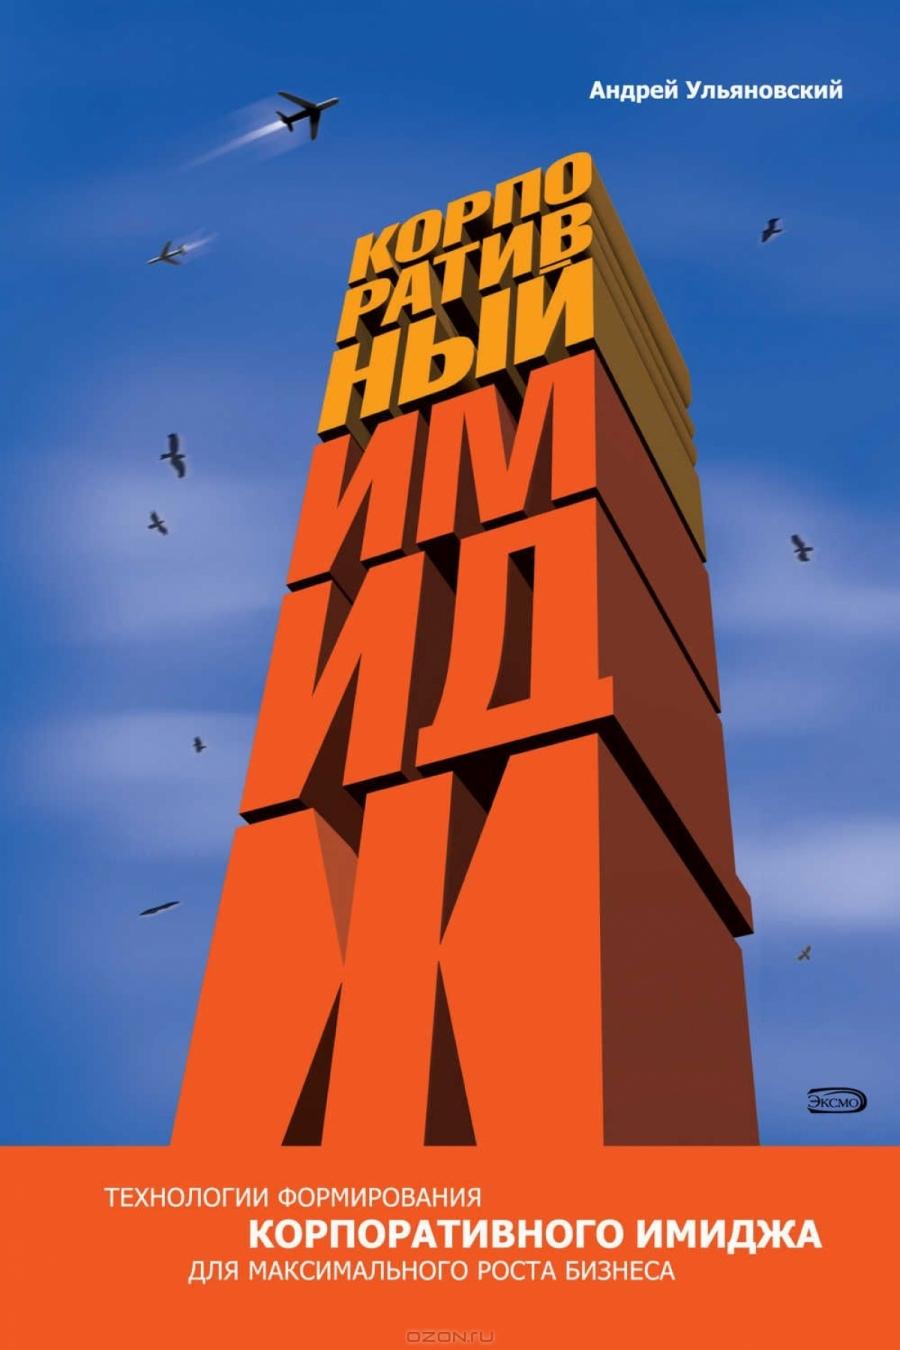 Обложка книги:  андрей ульяновский - корпоративный имидж. технологии формирования корпоративного имиджа для максимального роста бизнеса